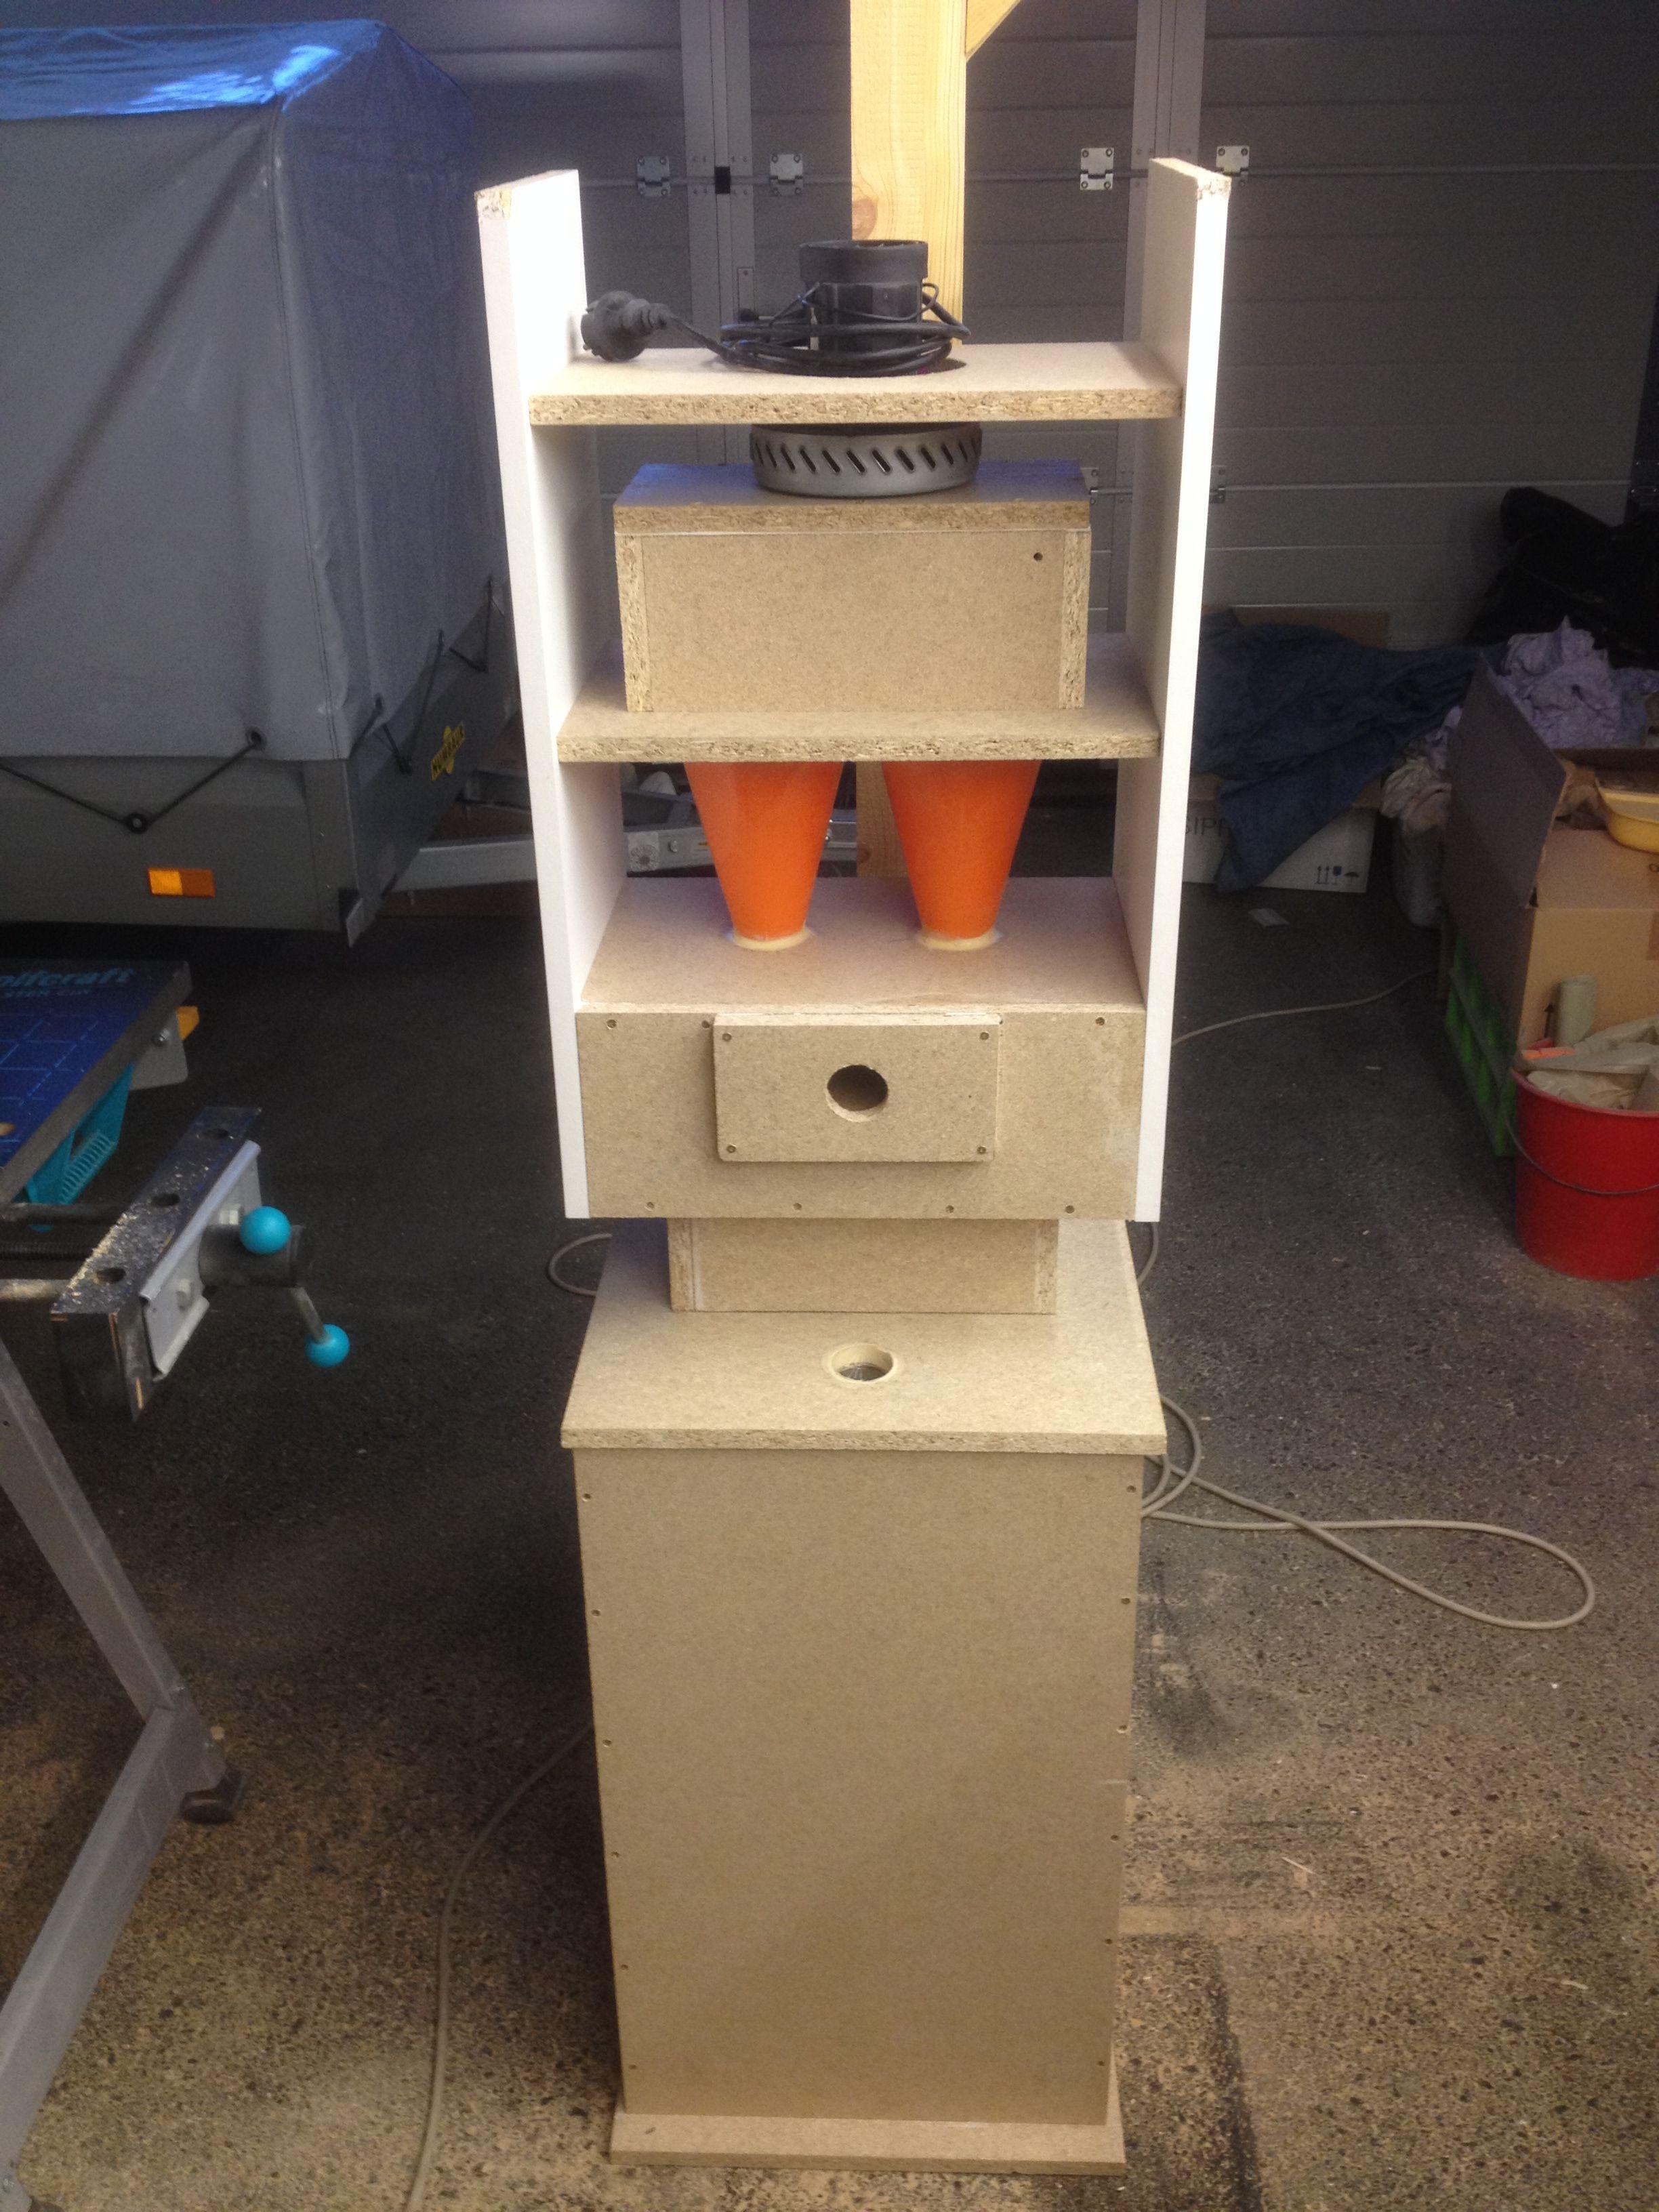 eigenbau zyklon staubsauger und in schrank eingebaut werkstattabsaugung pinterest. Black Bedroom Furniture Sets. Home Design Ideas